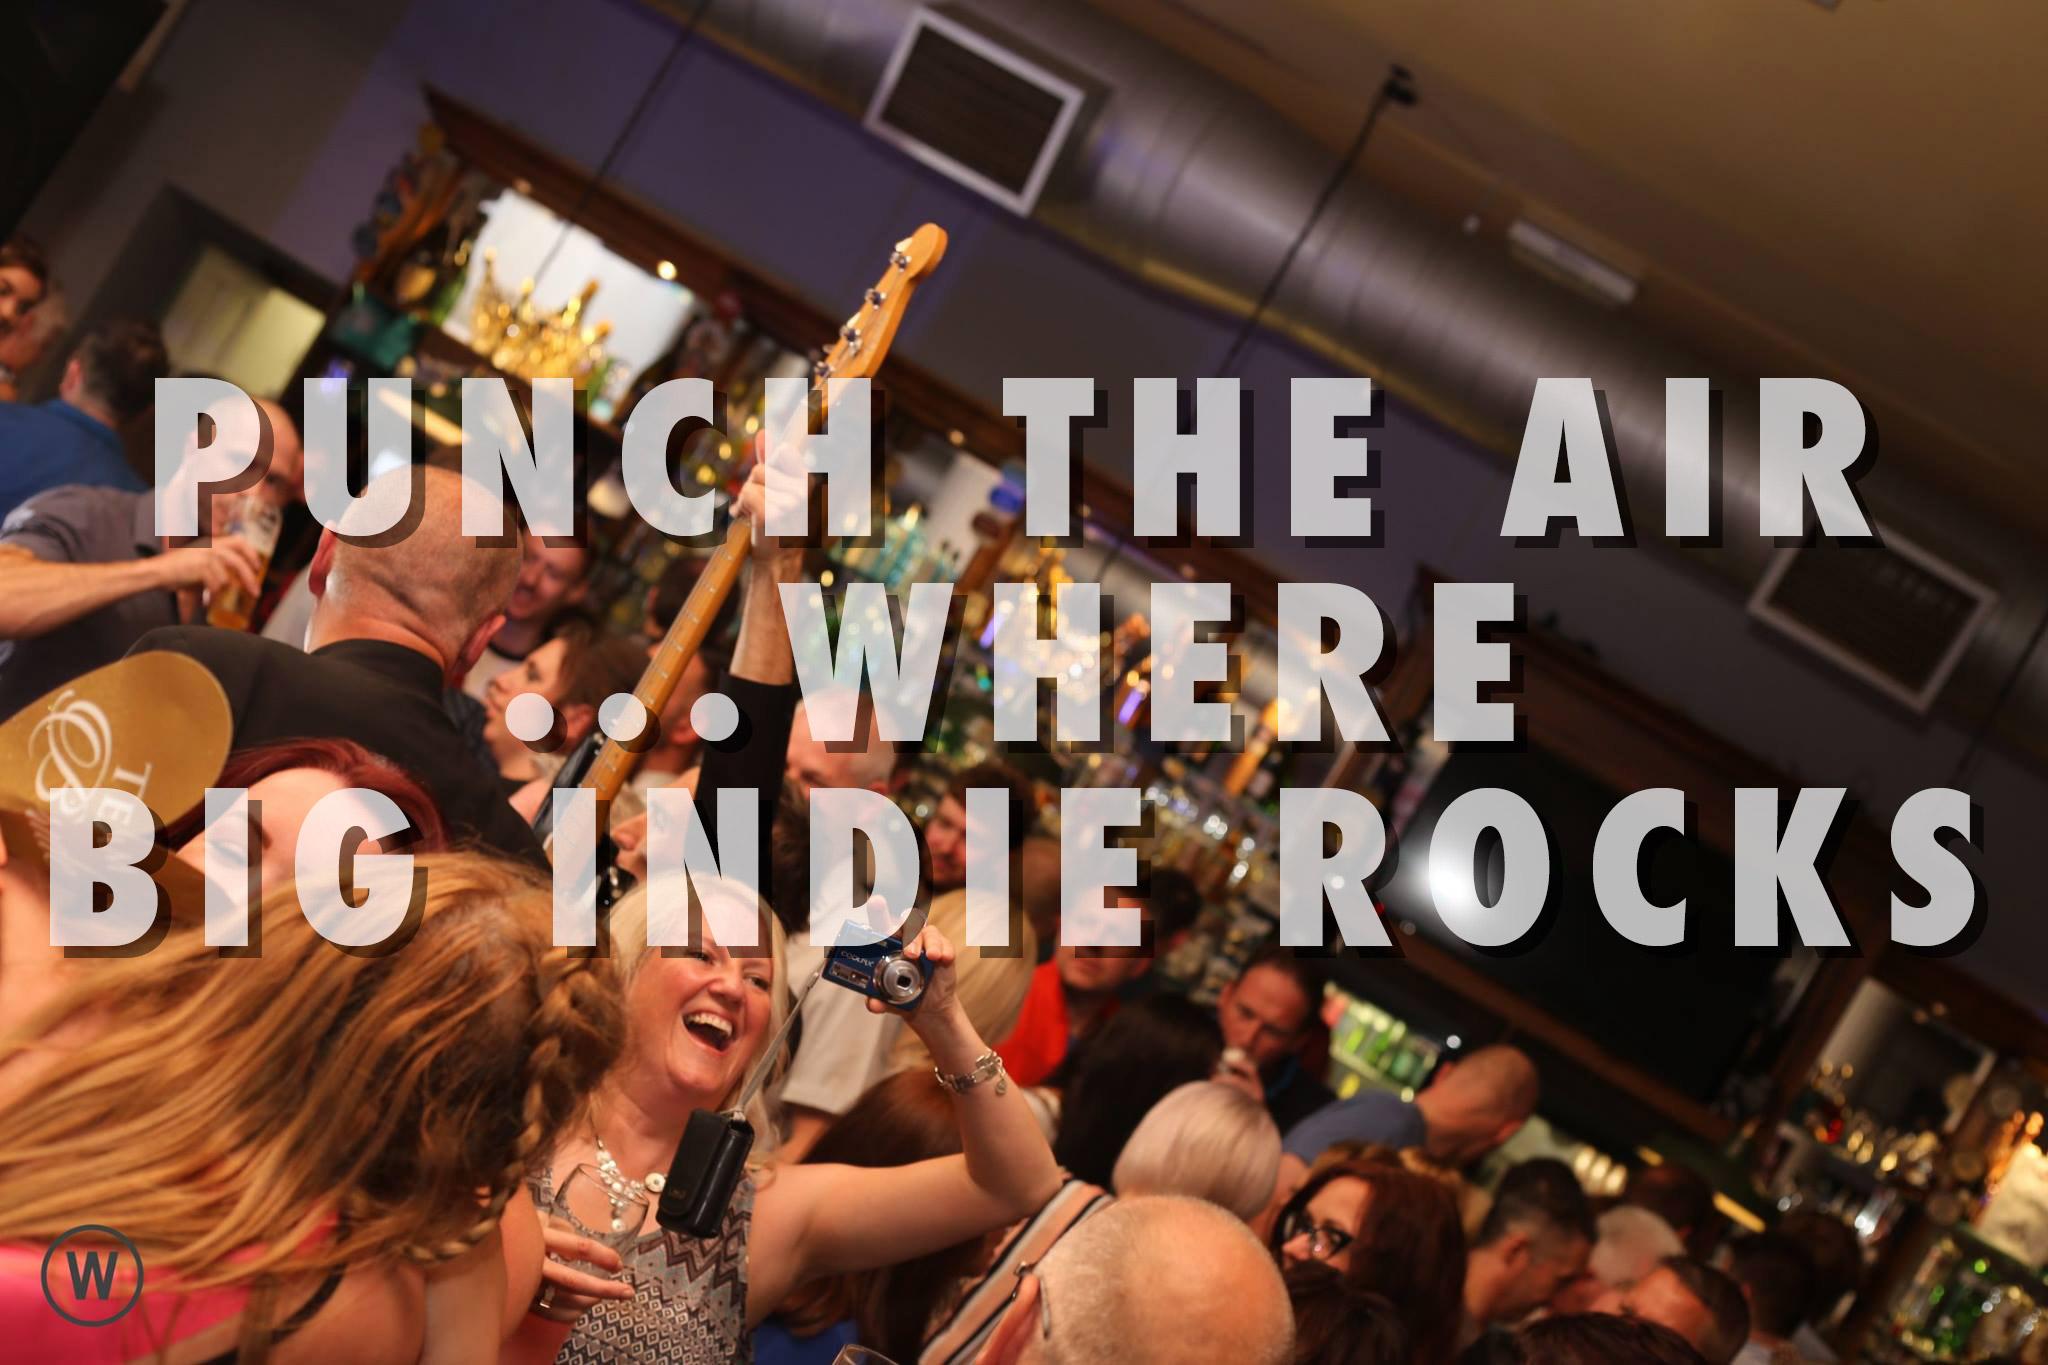 Where Big Indie Rocks